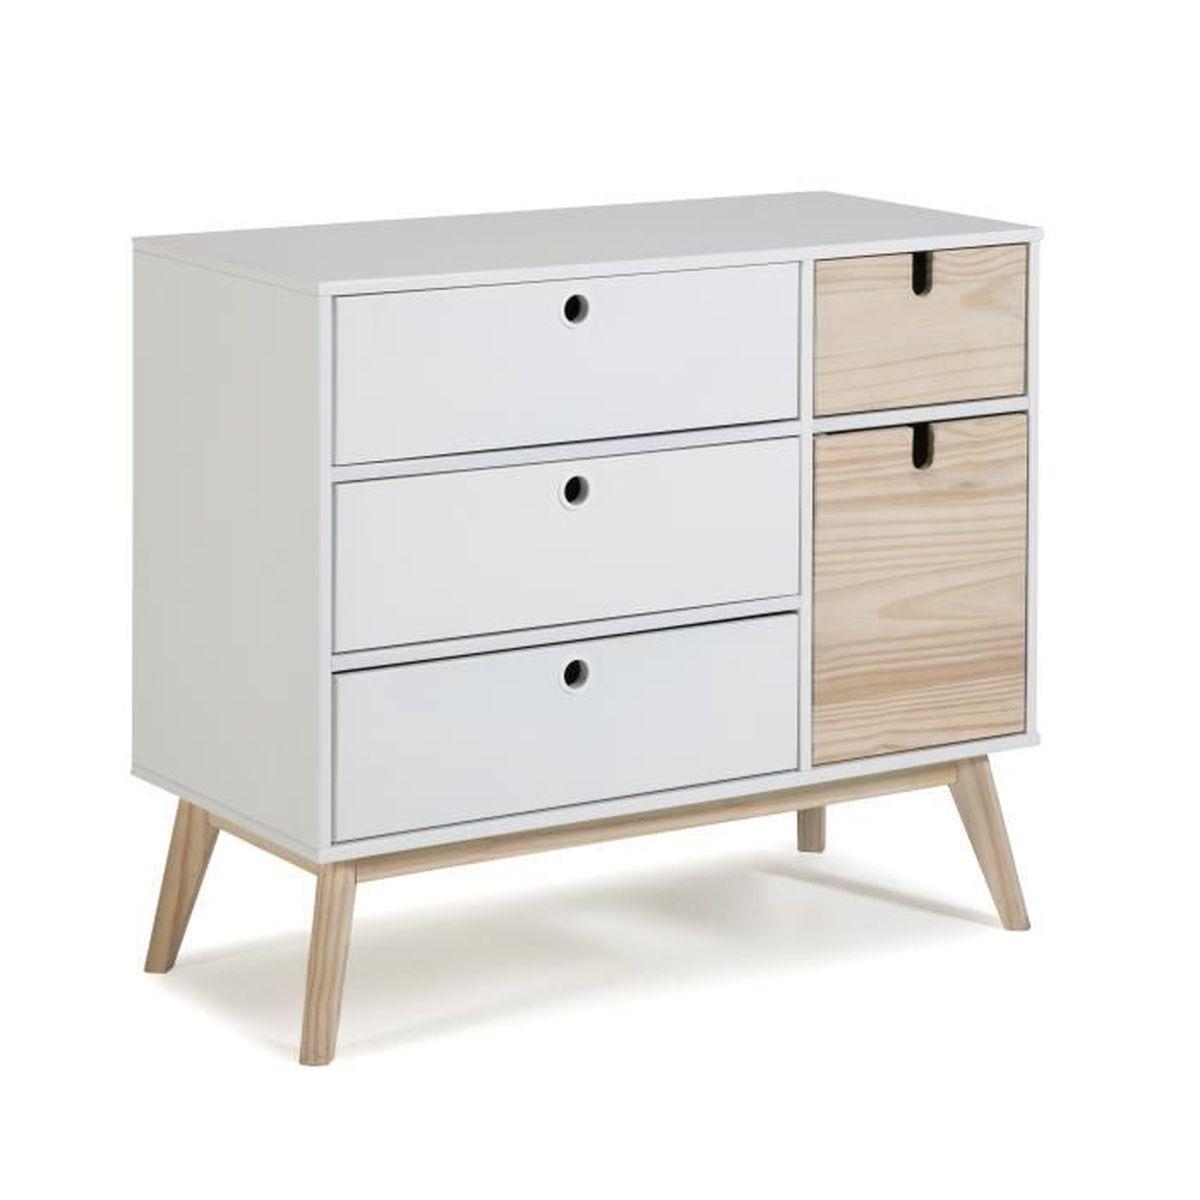 Commode Petite Profondeur 30 Cm ayora commode mdf laqué et pin 1 porte et 4 tiroirs - décor naturel et  blanc - l 90 x p 40 x h 80 cm